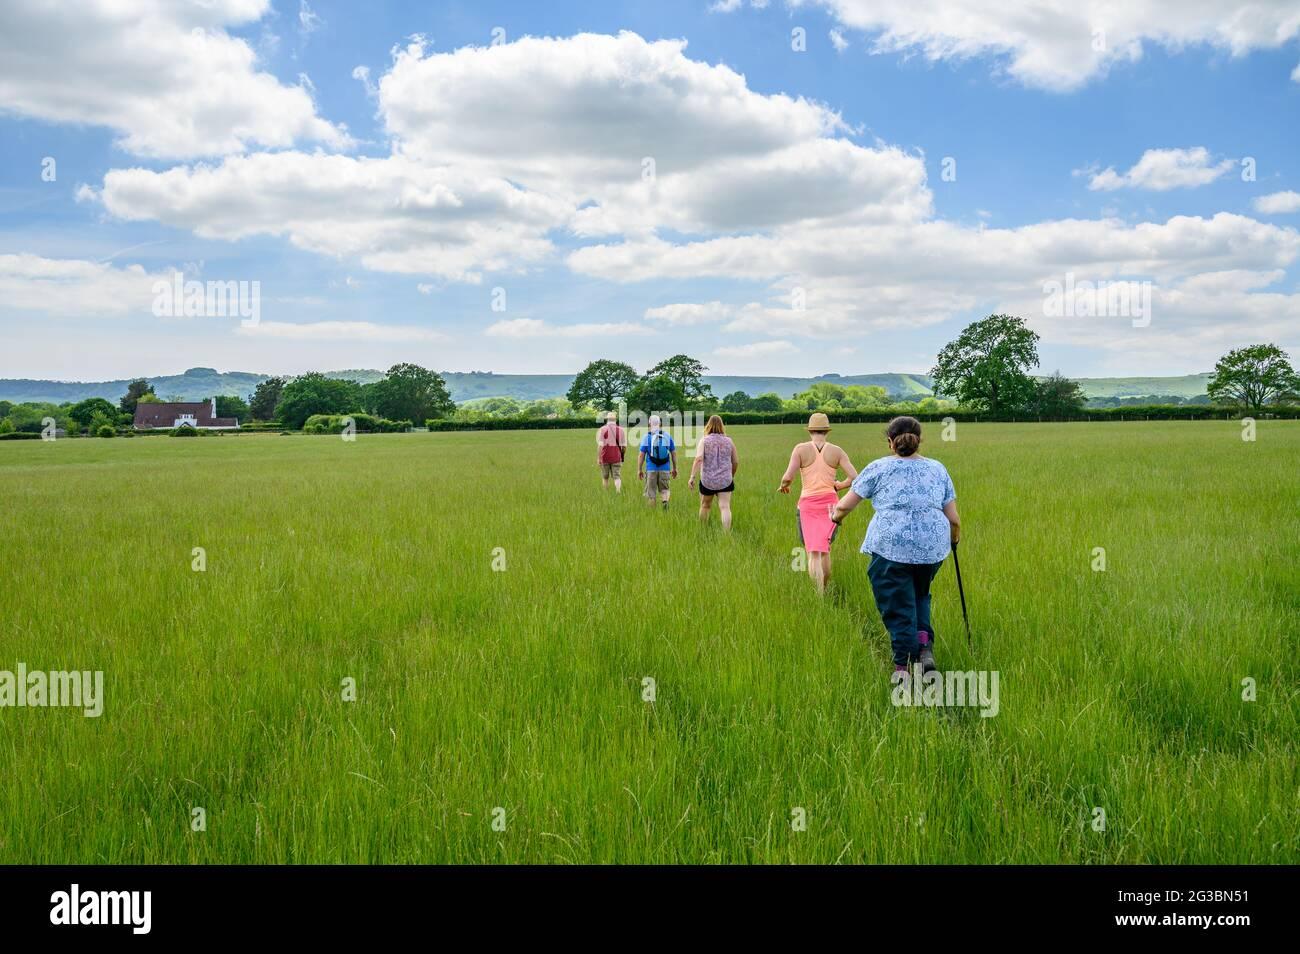 Un grupo de jugadores caminando sobre un campo de hierba alta con los South Downs subiendo en la distancia en East Sussex, Inglaterra. Foto de stock